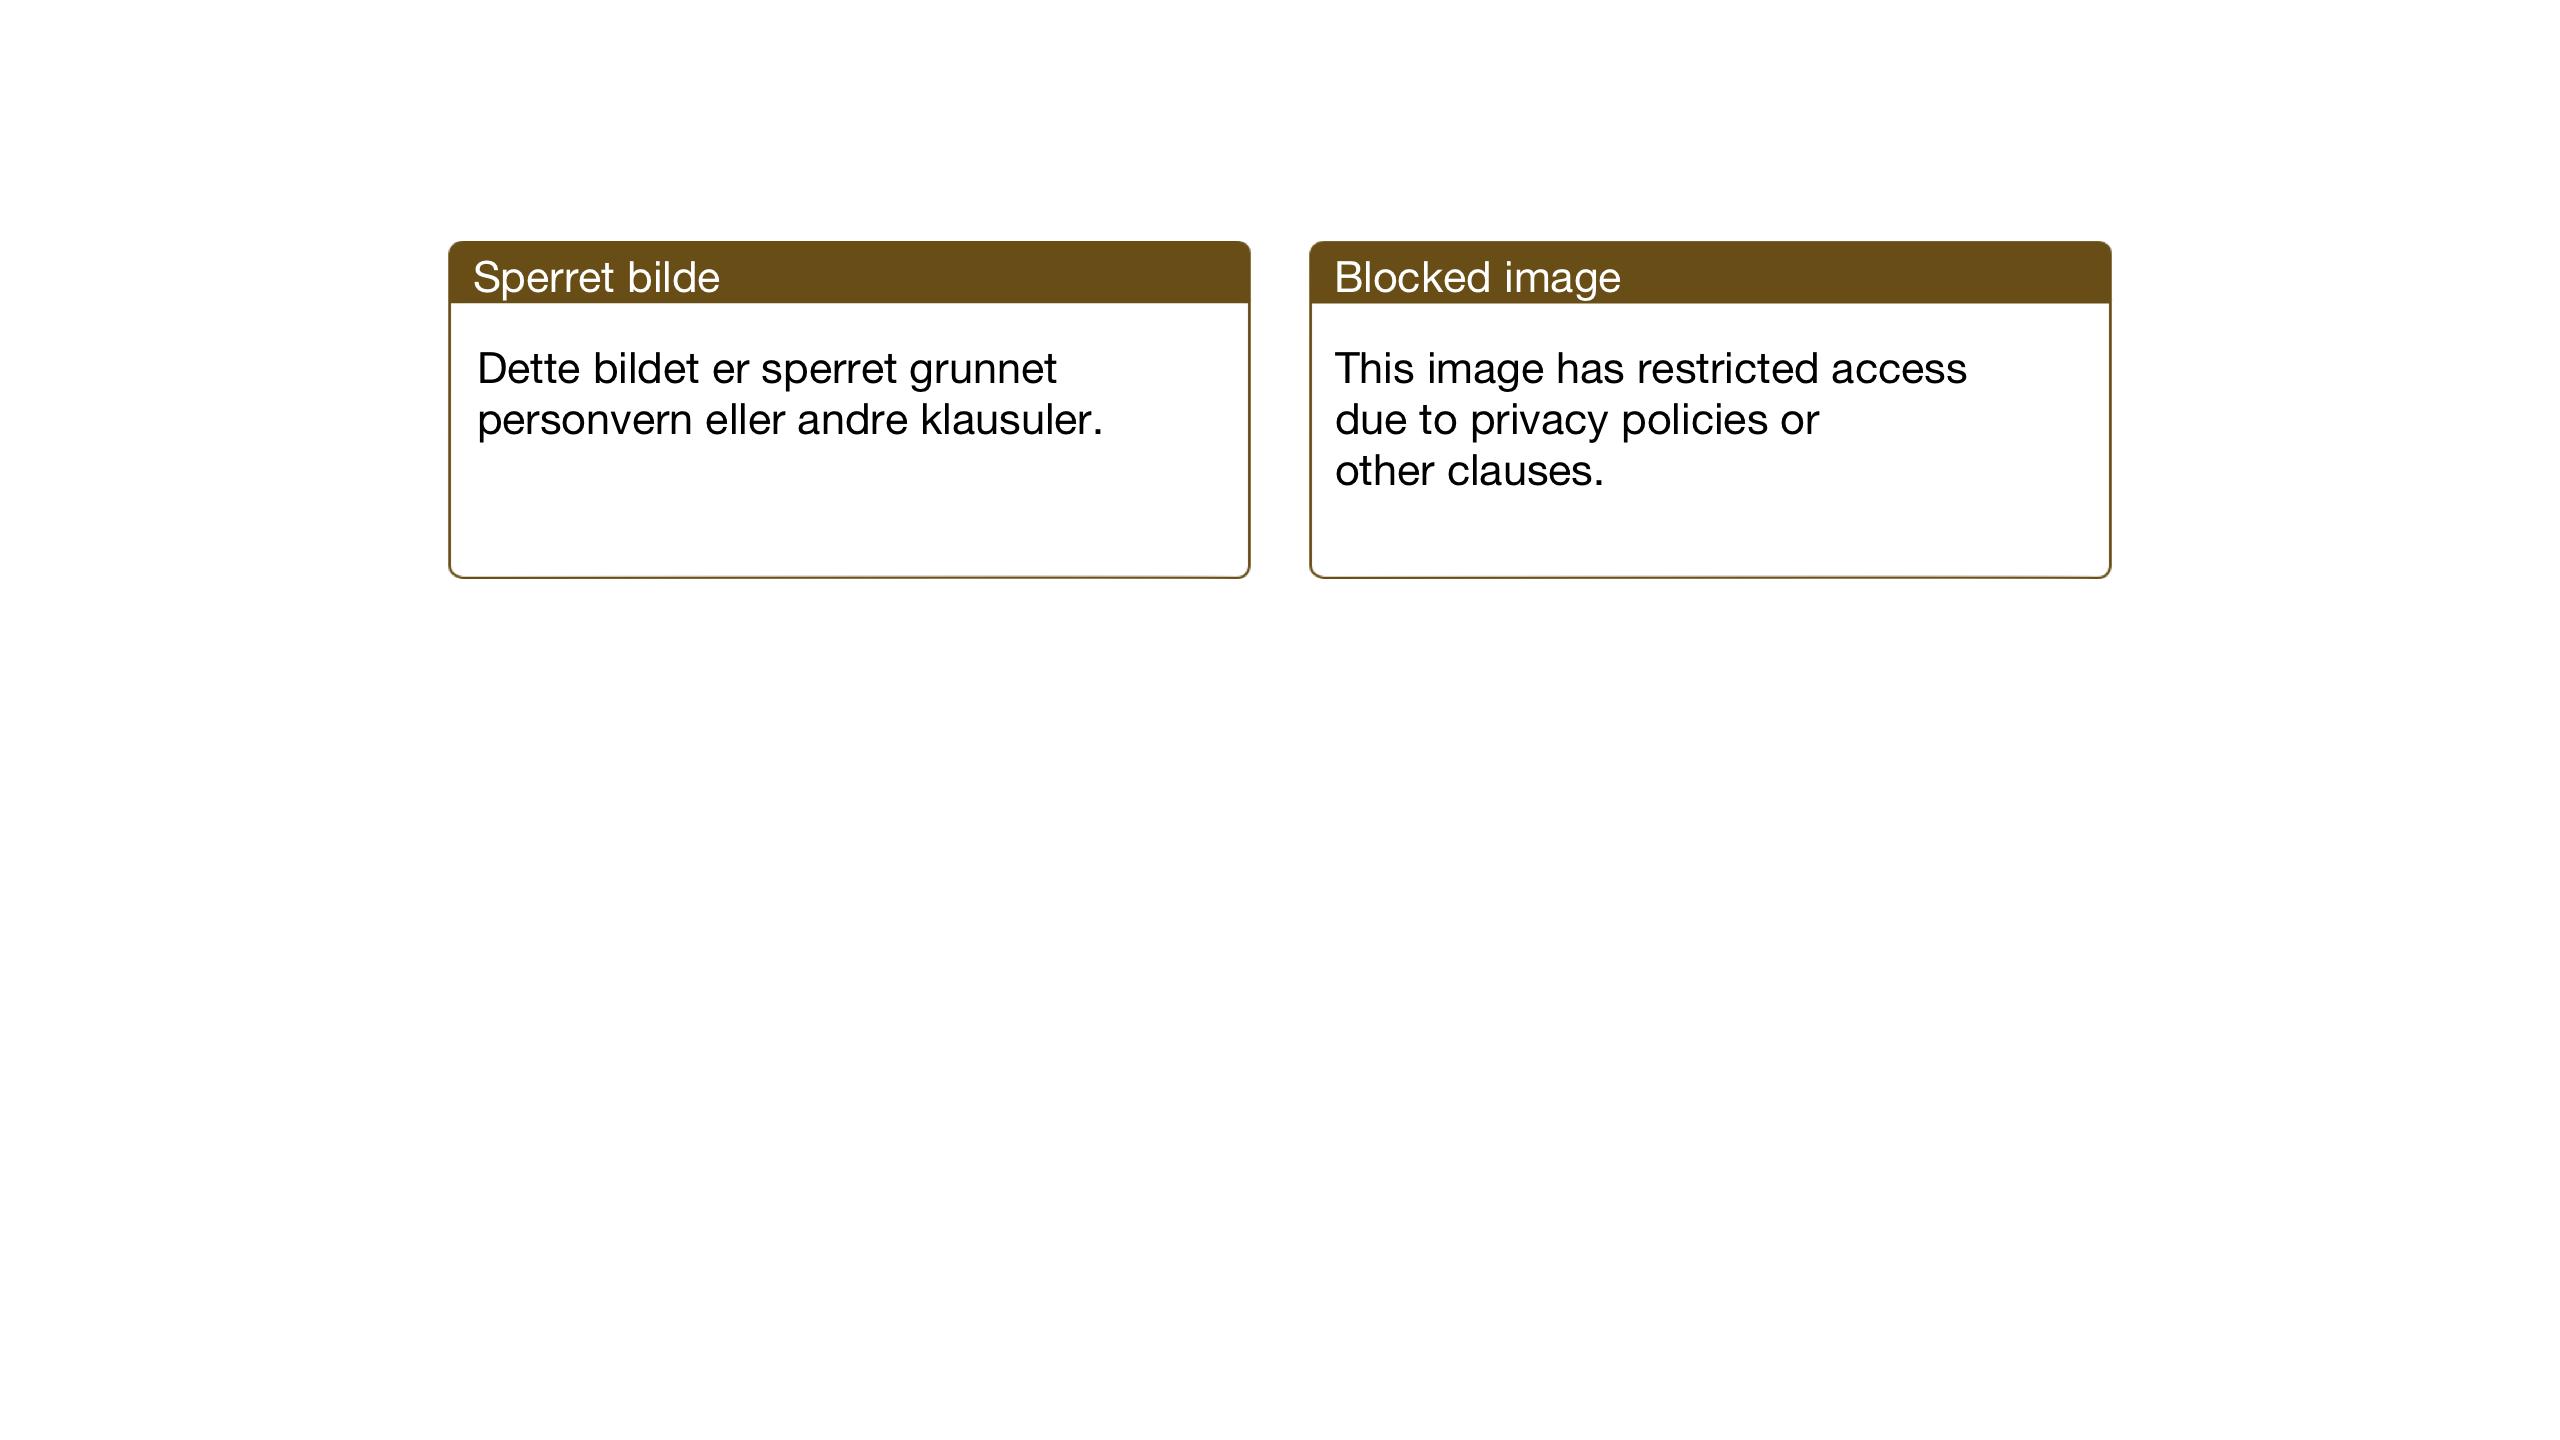 SAT, Ministerialprotokoller, klokkerbøker og fødselsregistre - Sør-Trøndelag, 638/L0569: Klokkerbok nr. 638C01, 1923-1961, s. 75